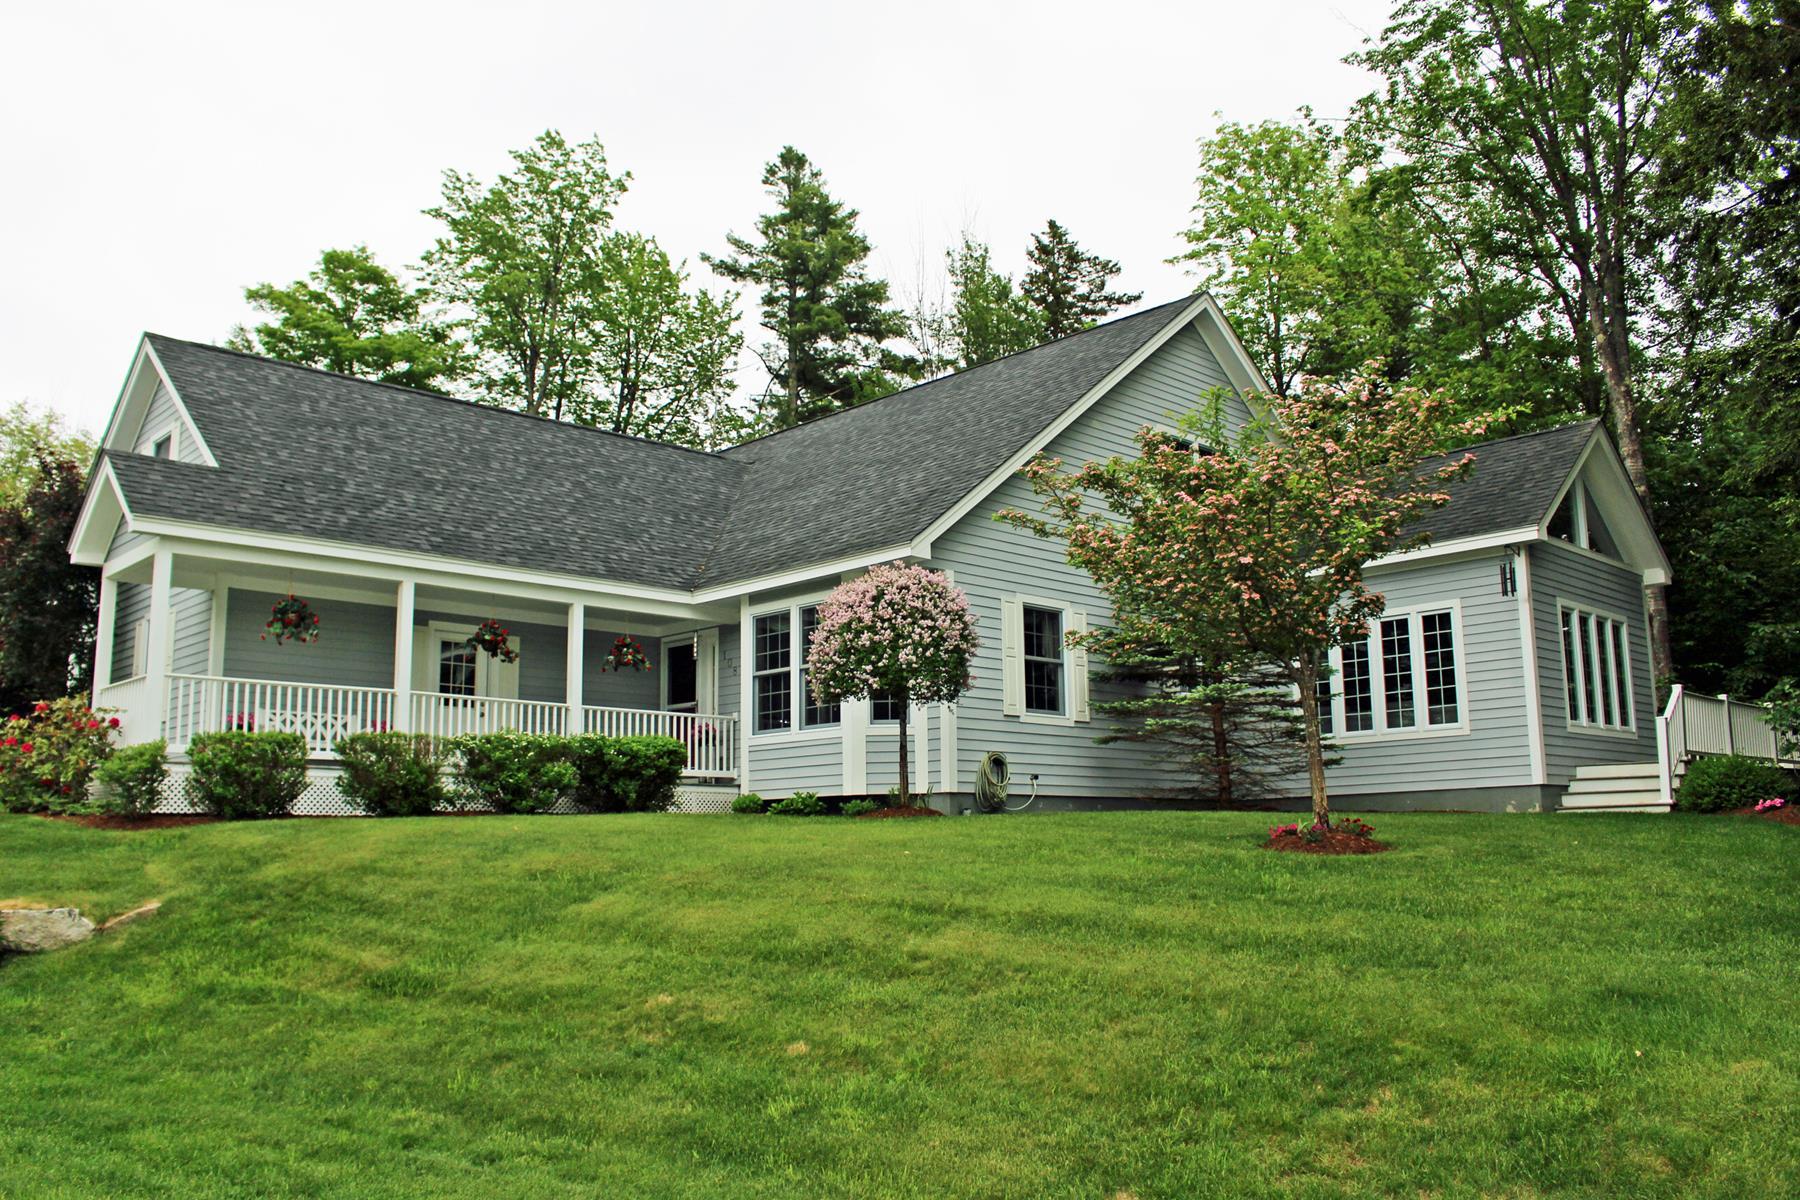 独户住宅 为 销售 在 108 Spruce Lane, New London 108 Spruce Ln New London, 新罕布什尔州 03257 美国